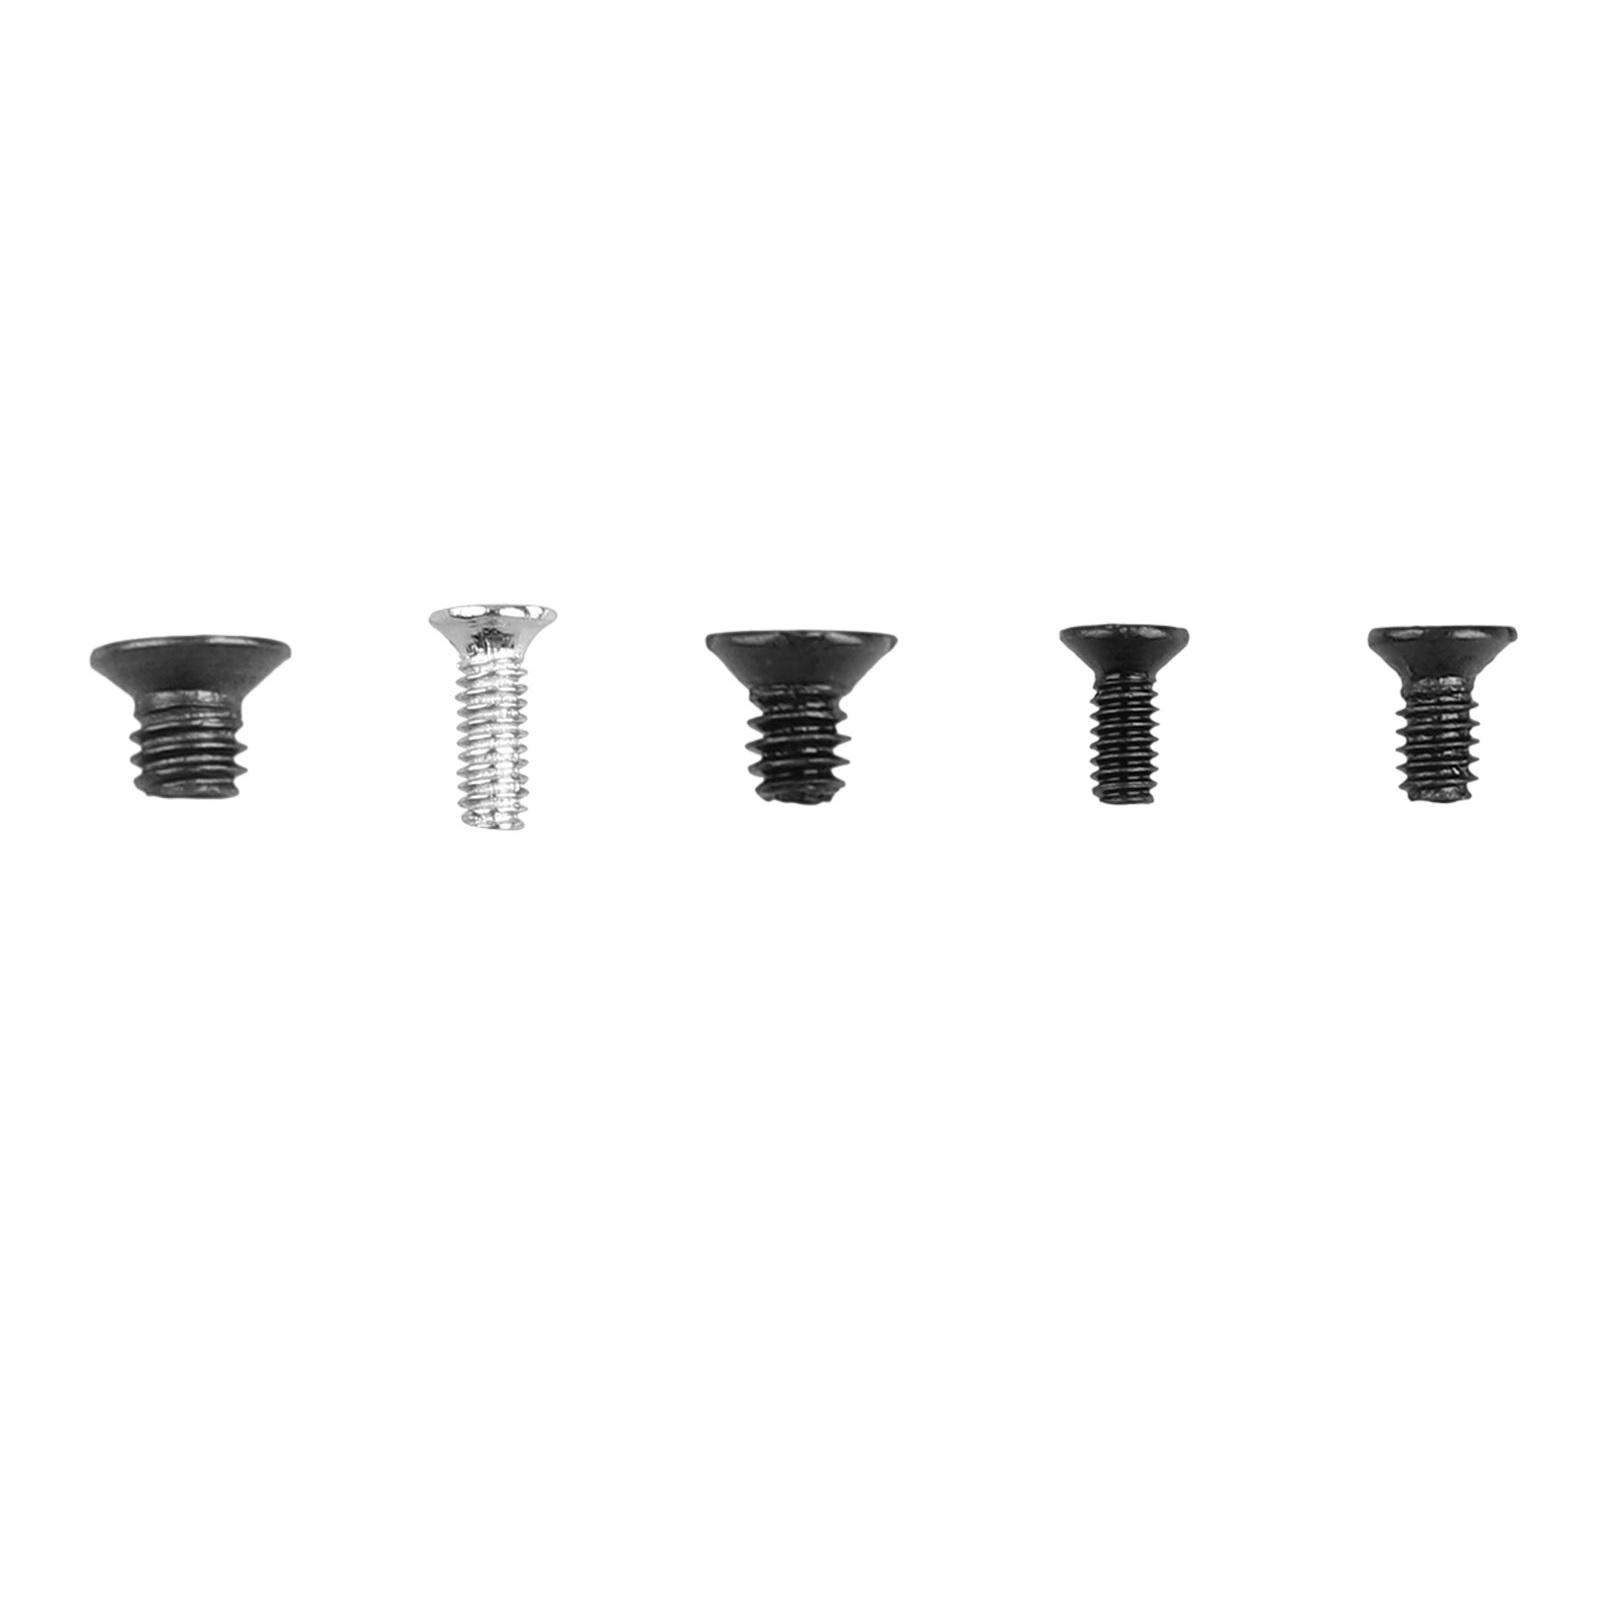 Винтики для SONY VAIO PRO 13 (SVP132, SVP13), 11 (SVP112, SVP11)